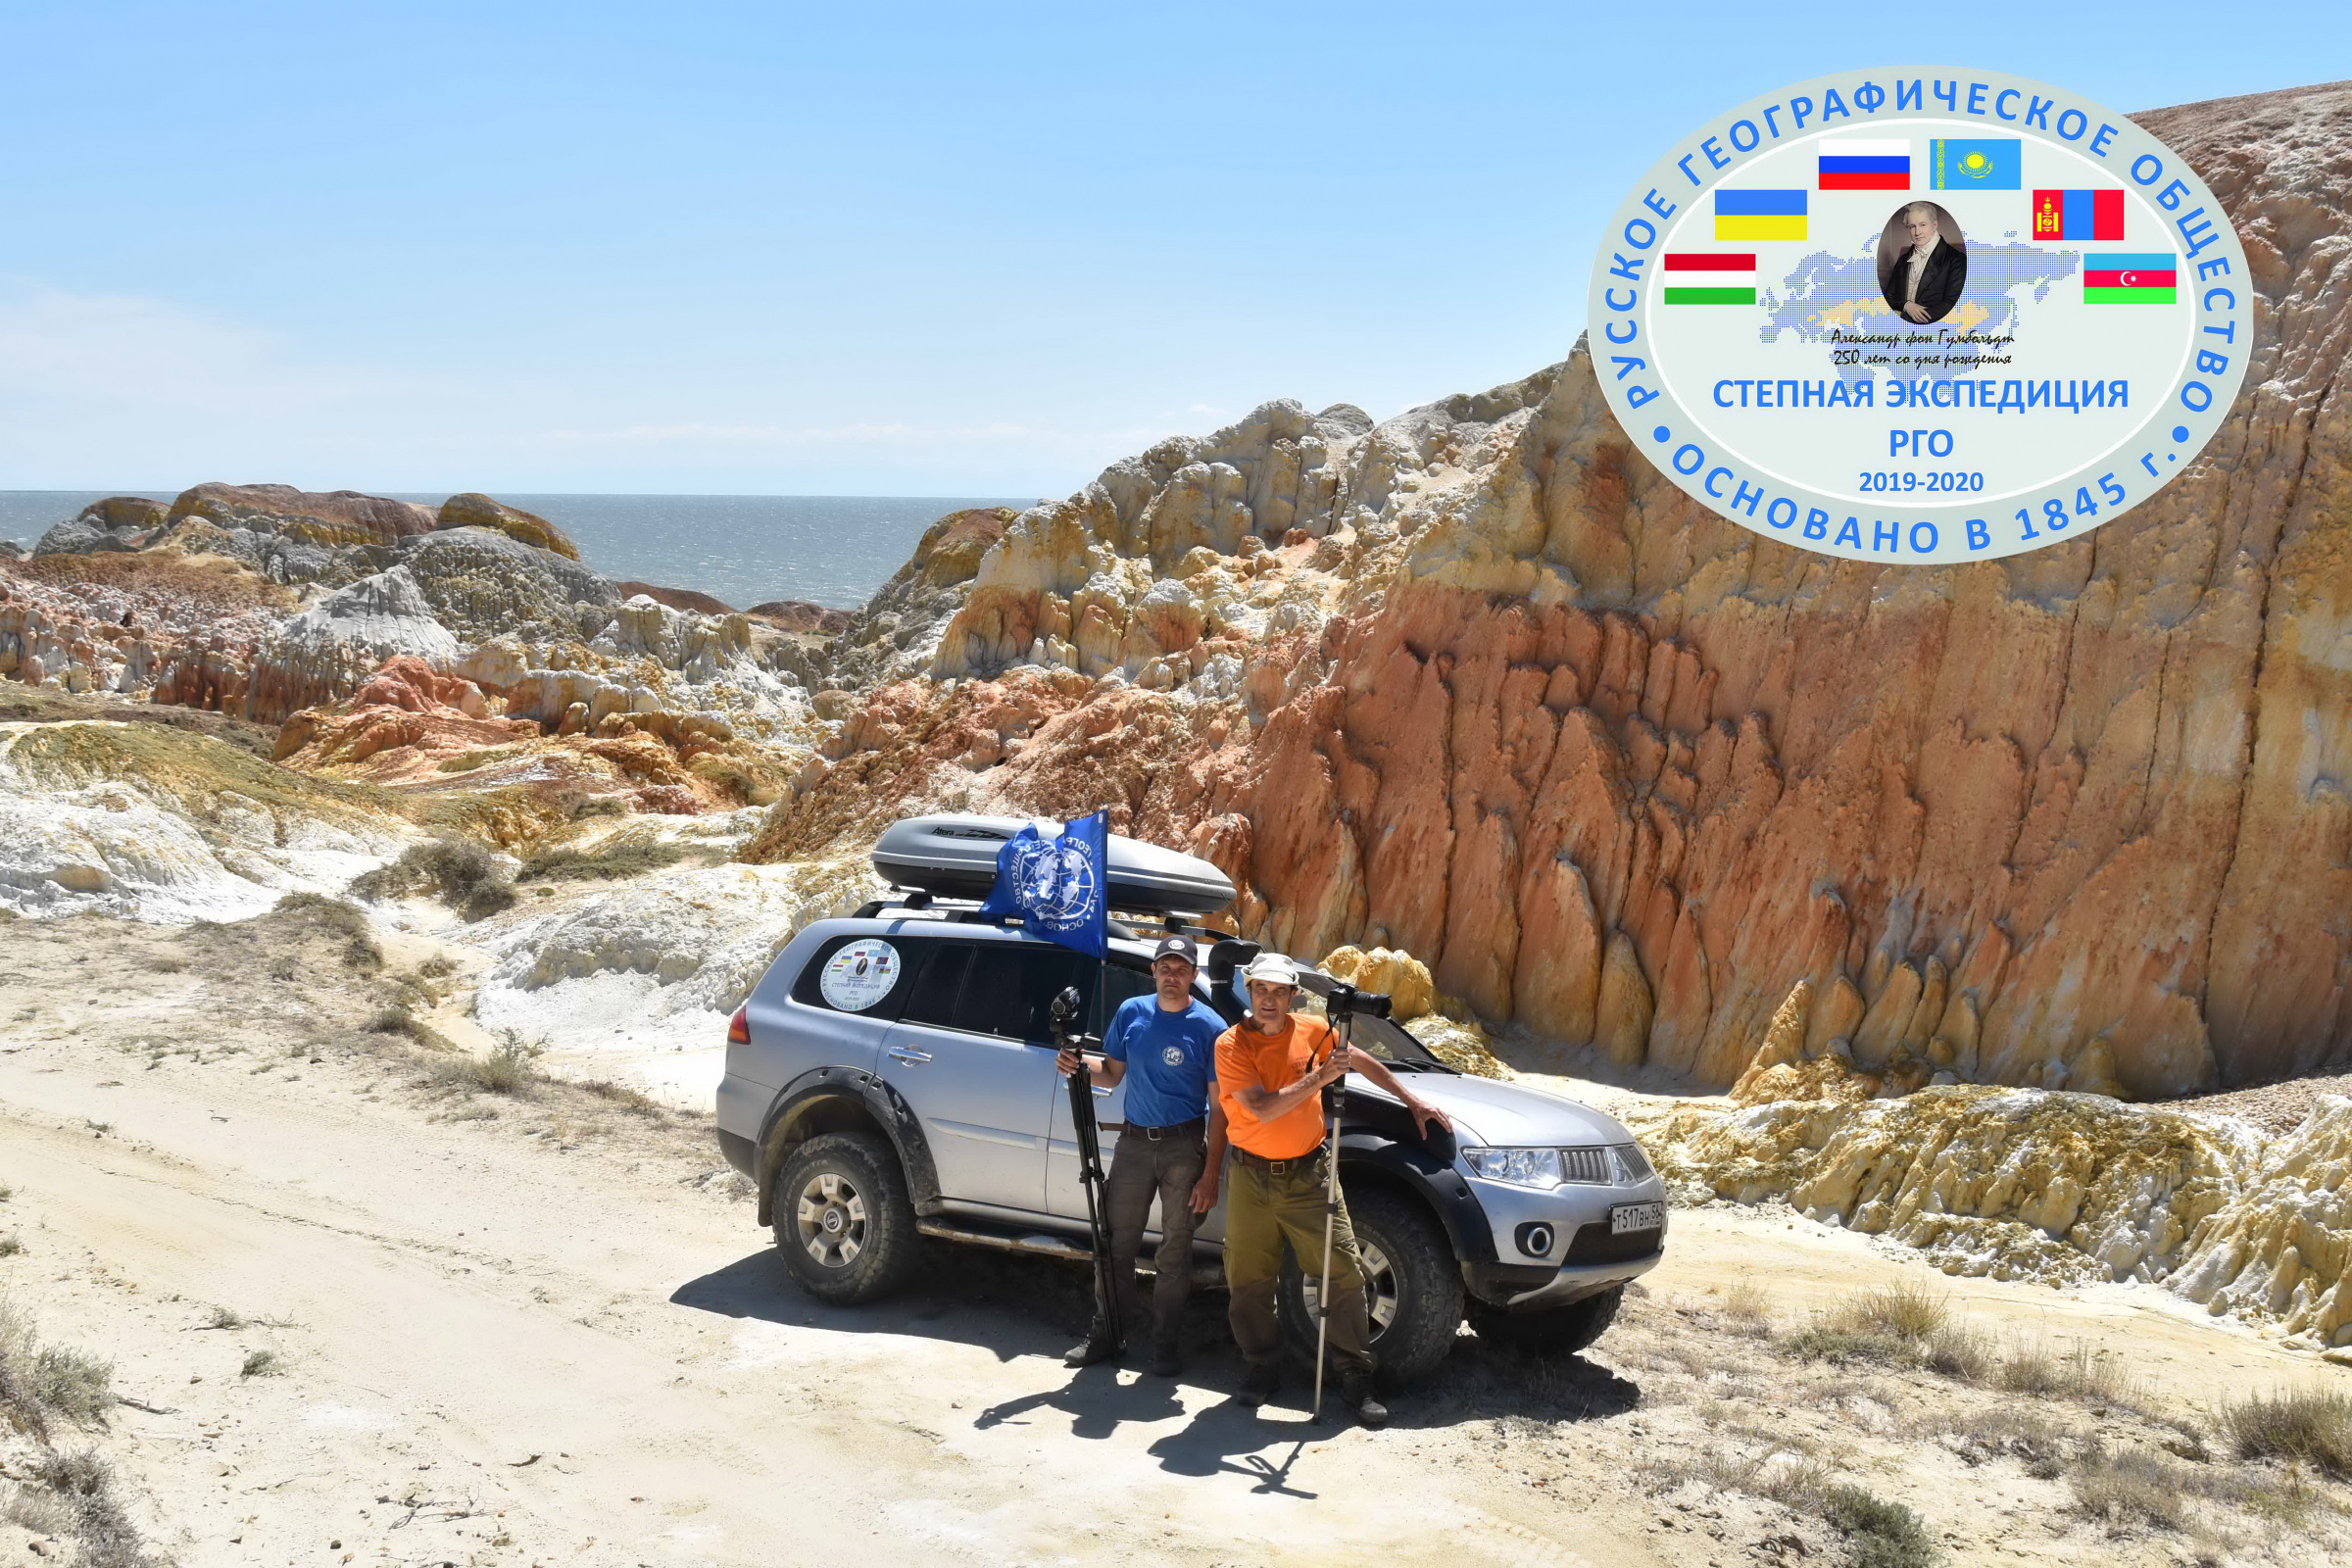 Участники Степной экспедиции РГО 2019-2020 гг. А. Чибилёв и Д. Грудинин на Зайсане (Восточный Казахстан)